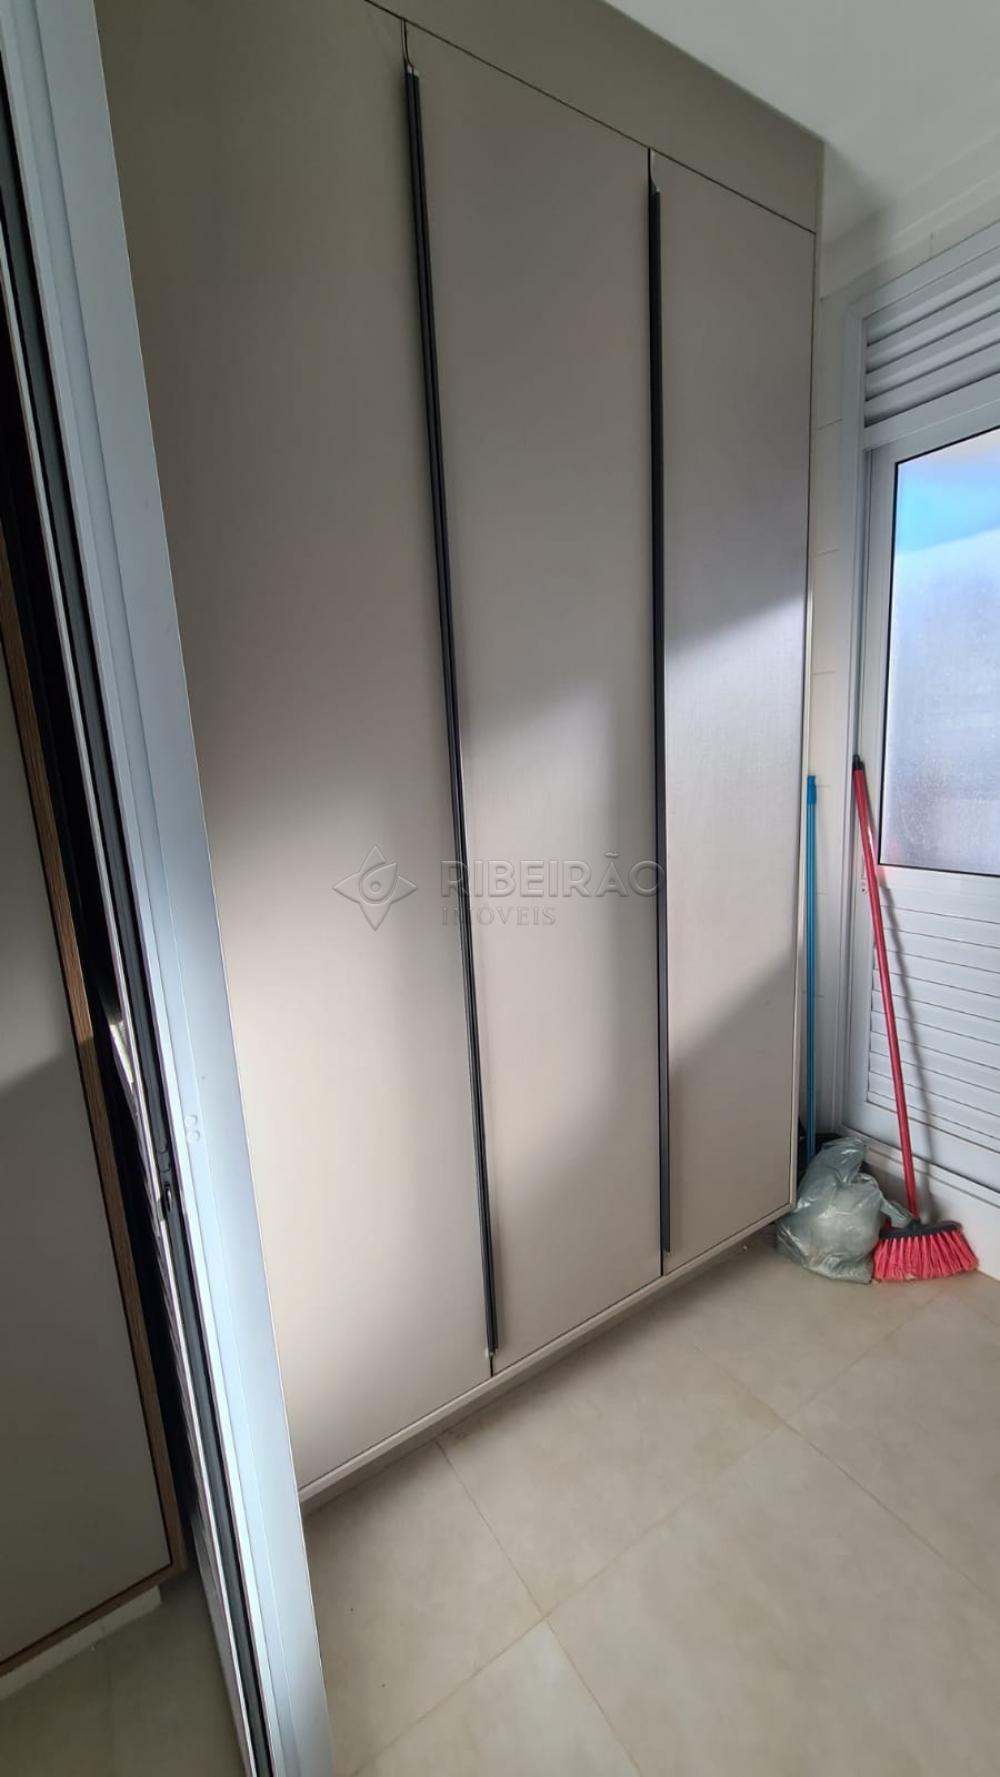 Alugar Apartamento / Padrão em Ribeirão Preto R$ 3.500,00 - Foto 9